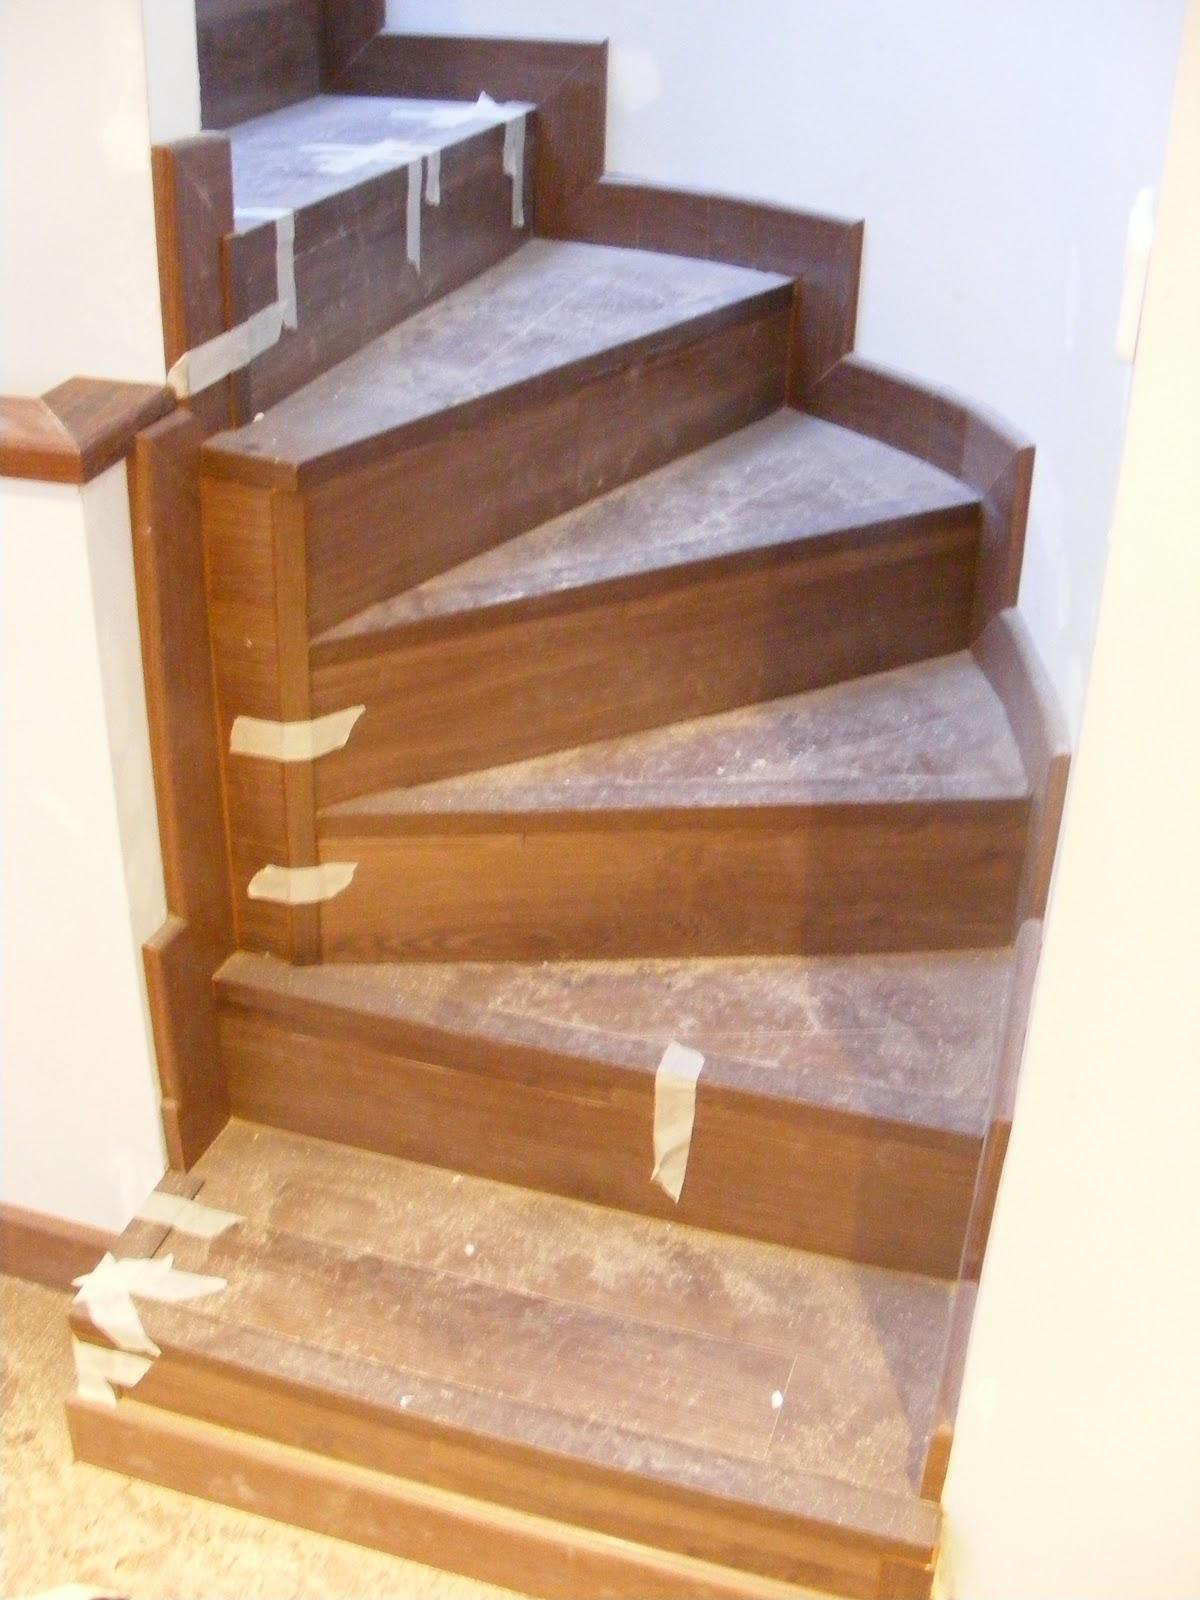 Armarios vestidores puertas y tarimas escaleras - Puertas de escalera ...